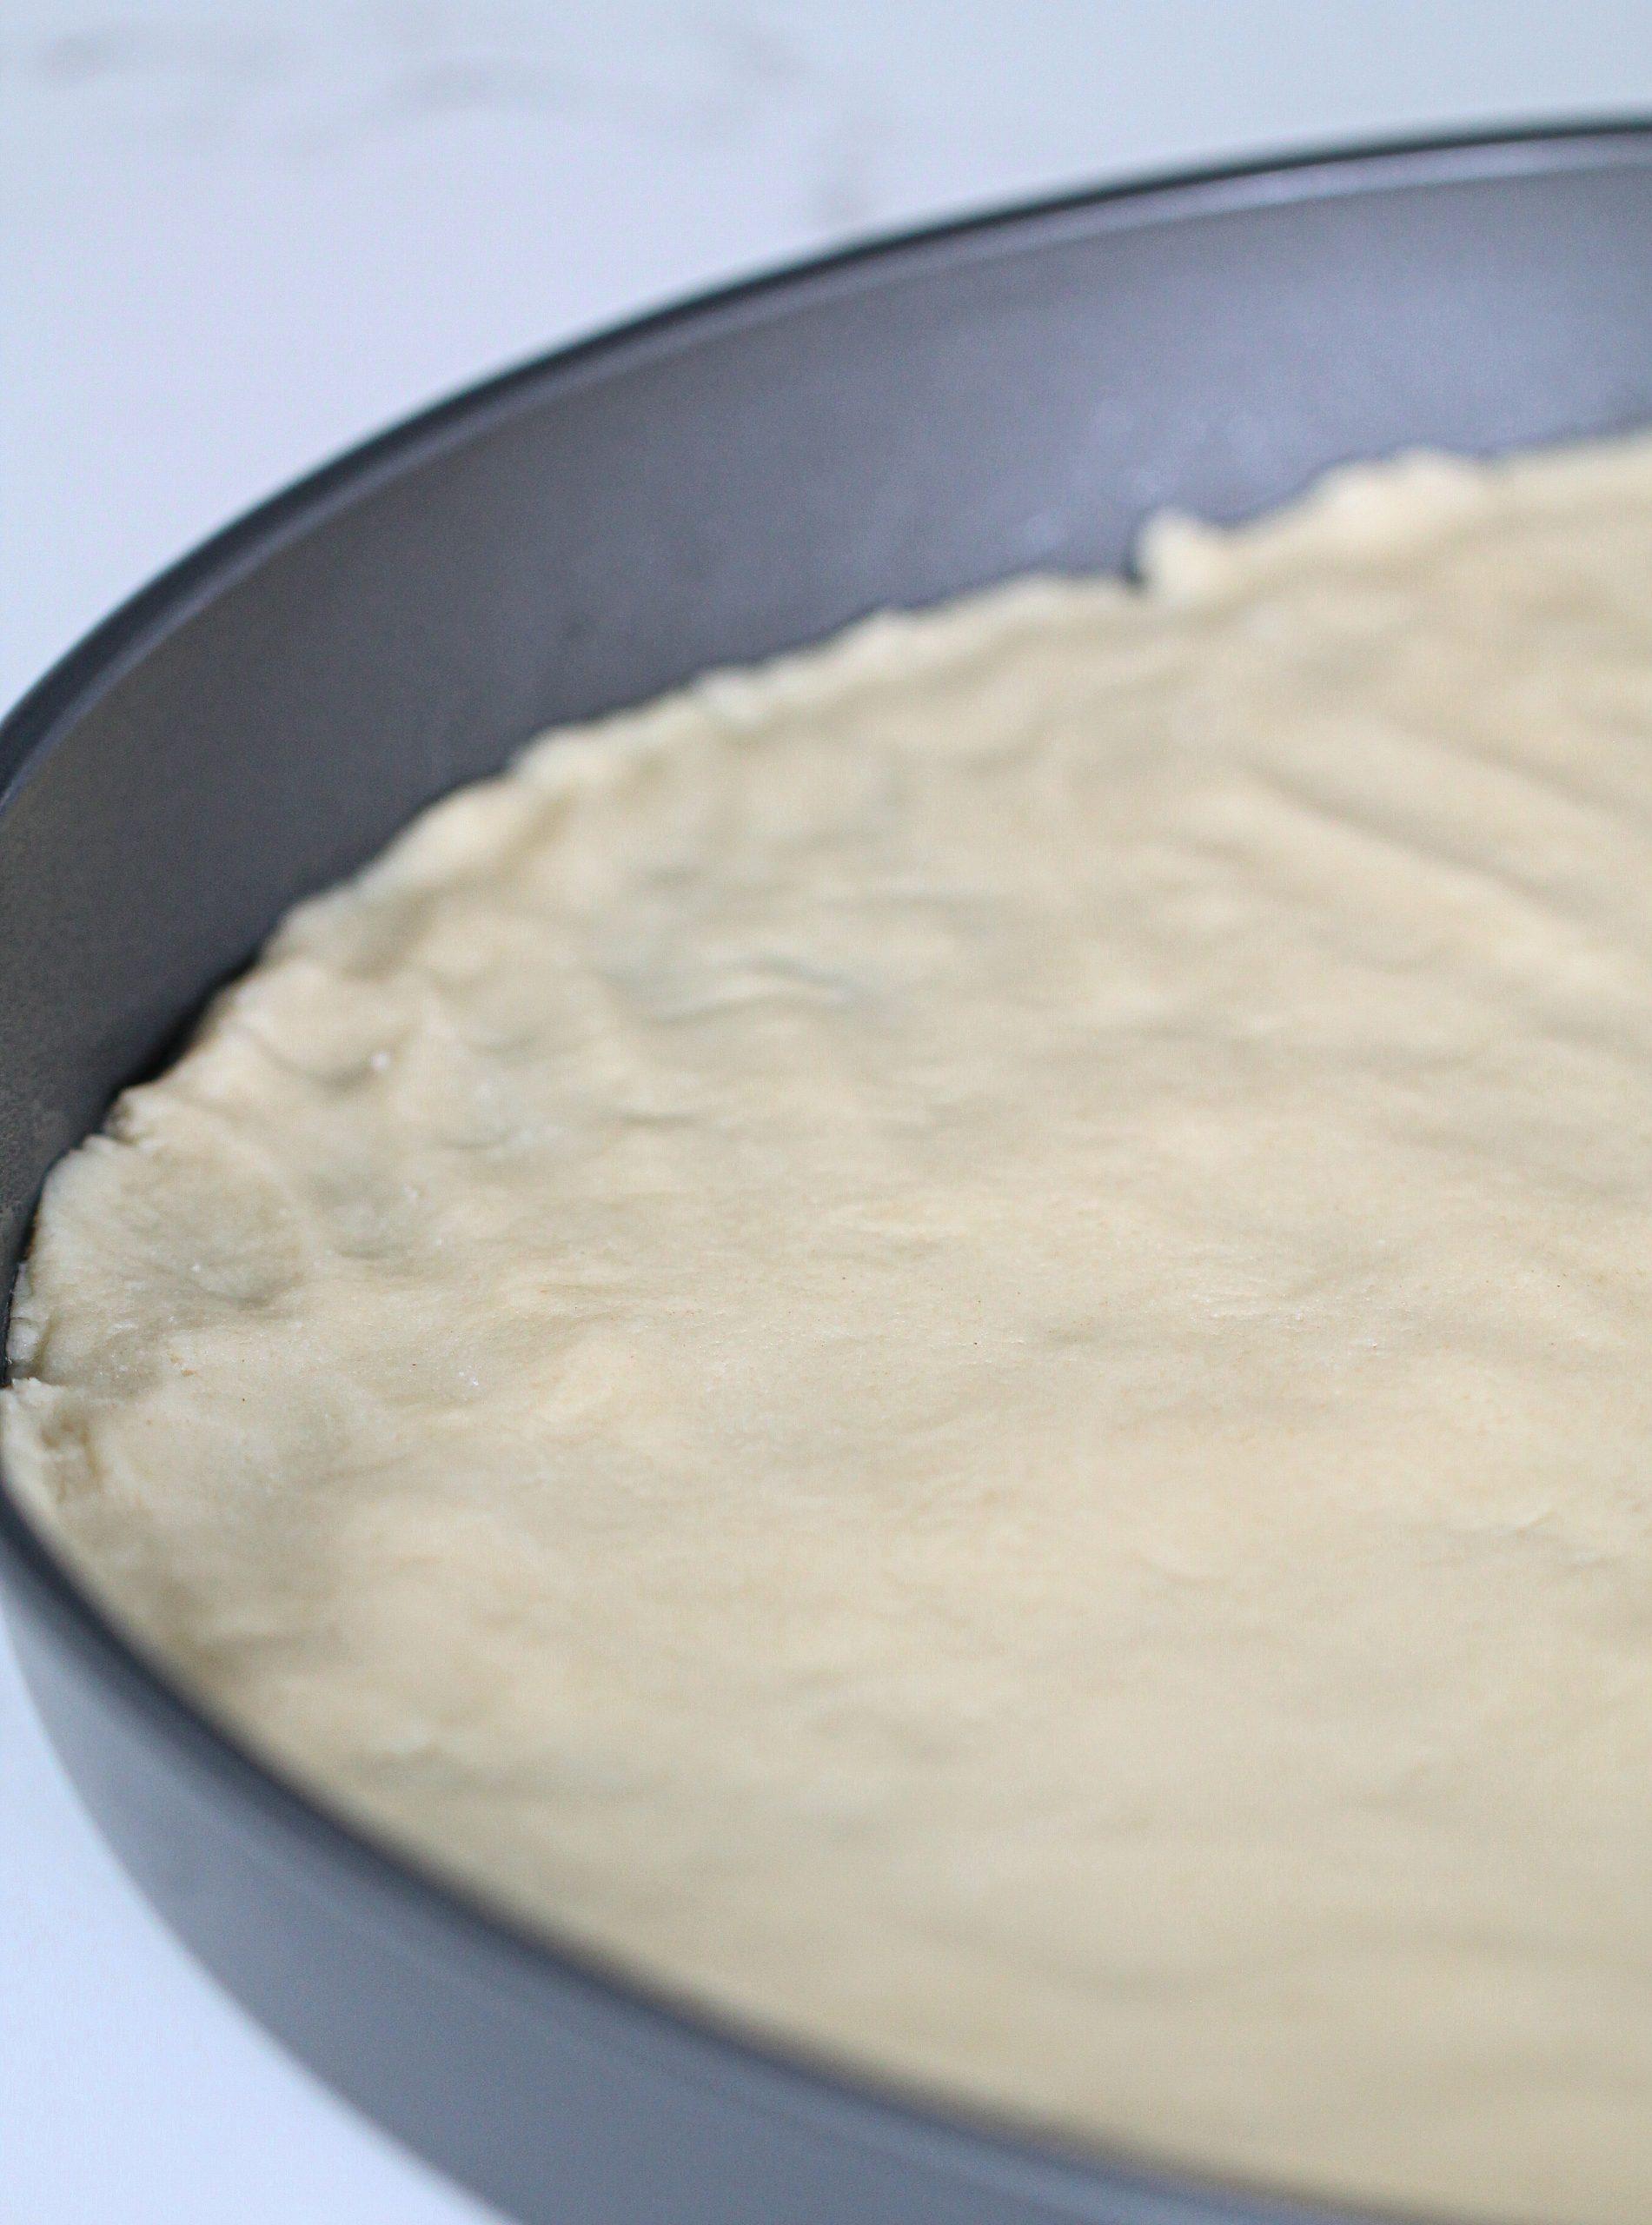 Sugar Cookie crust in pan